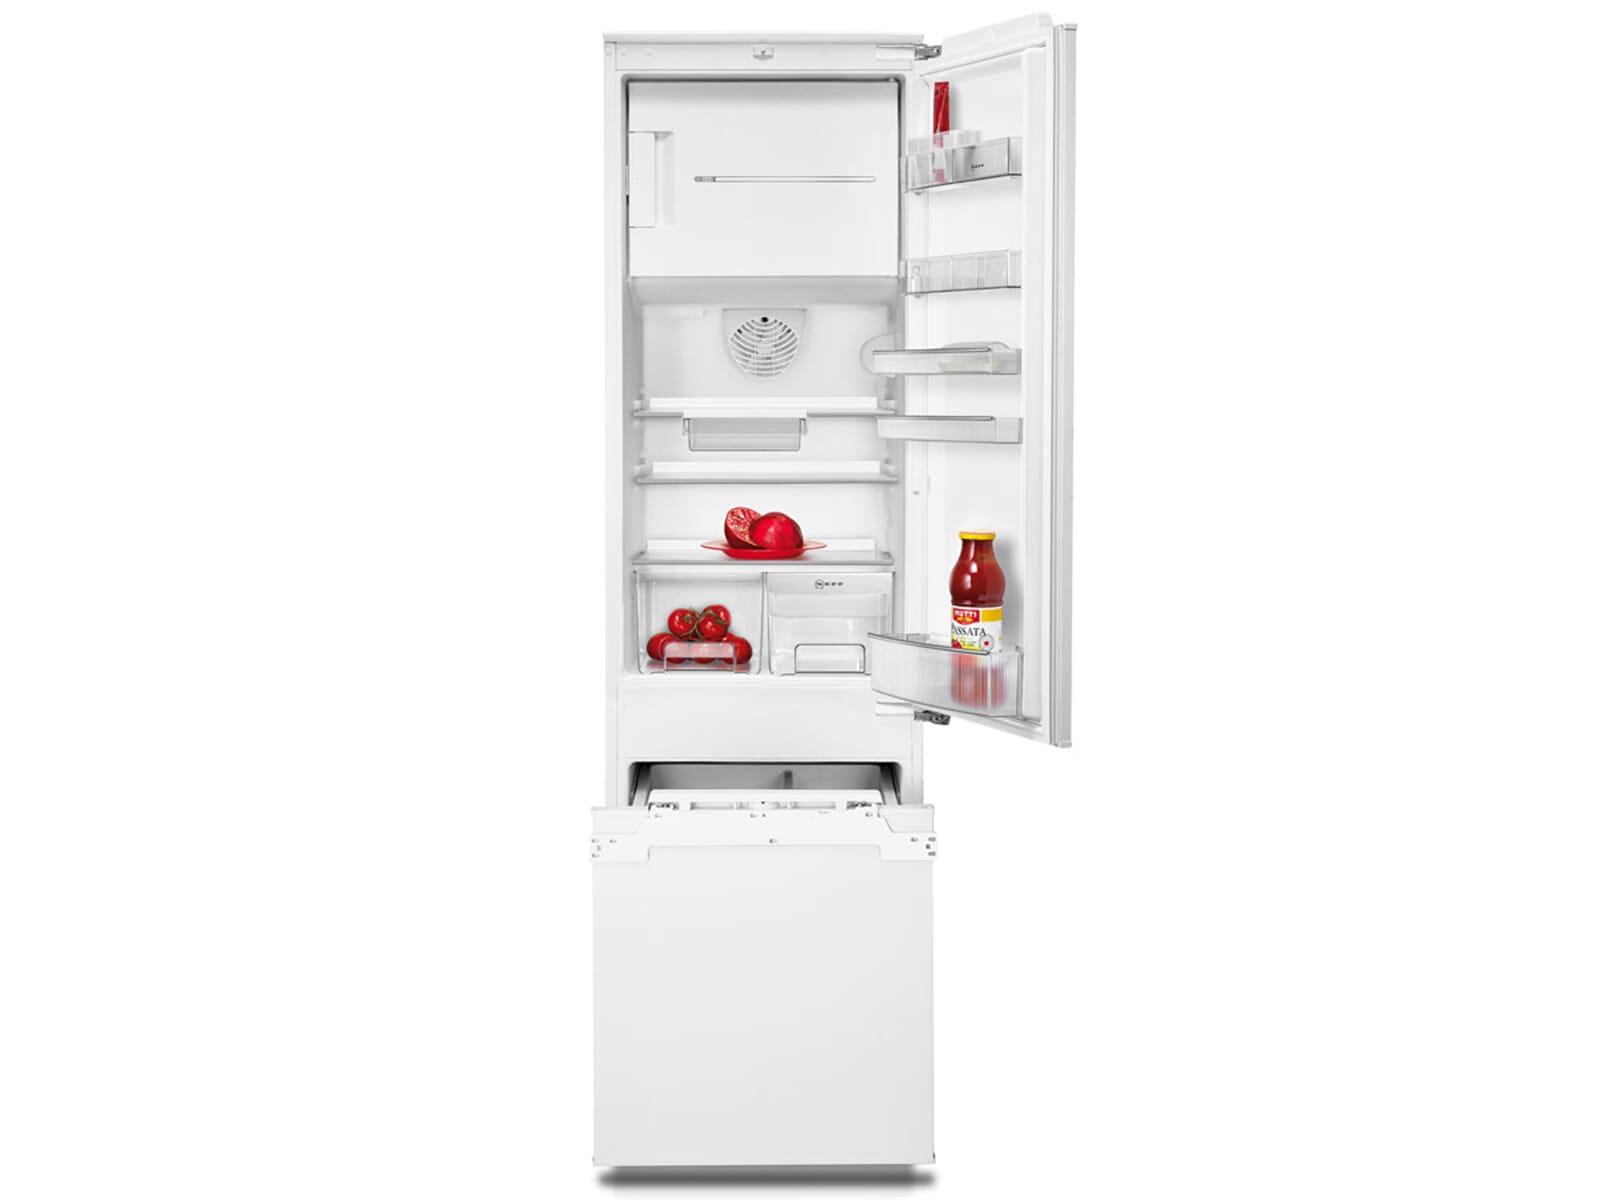 Mini Kühlschrank Deko : Mini kühlschrank wohnzimmer schön kühlschrank mini husky cool